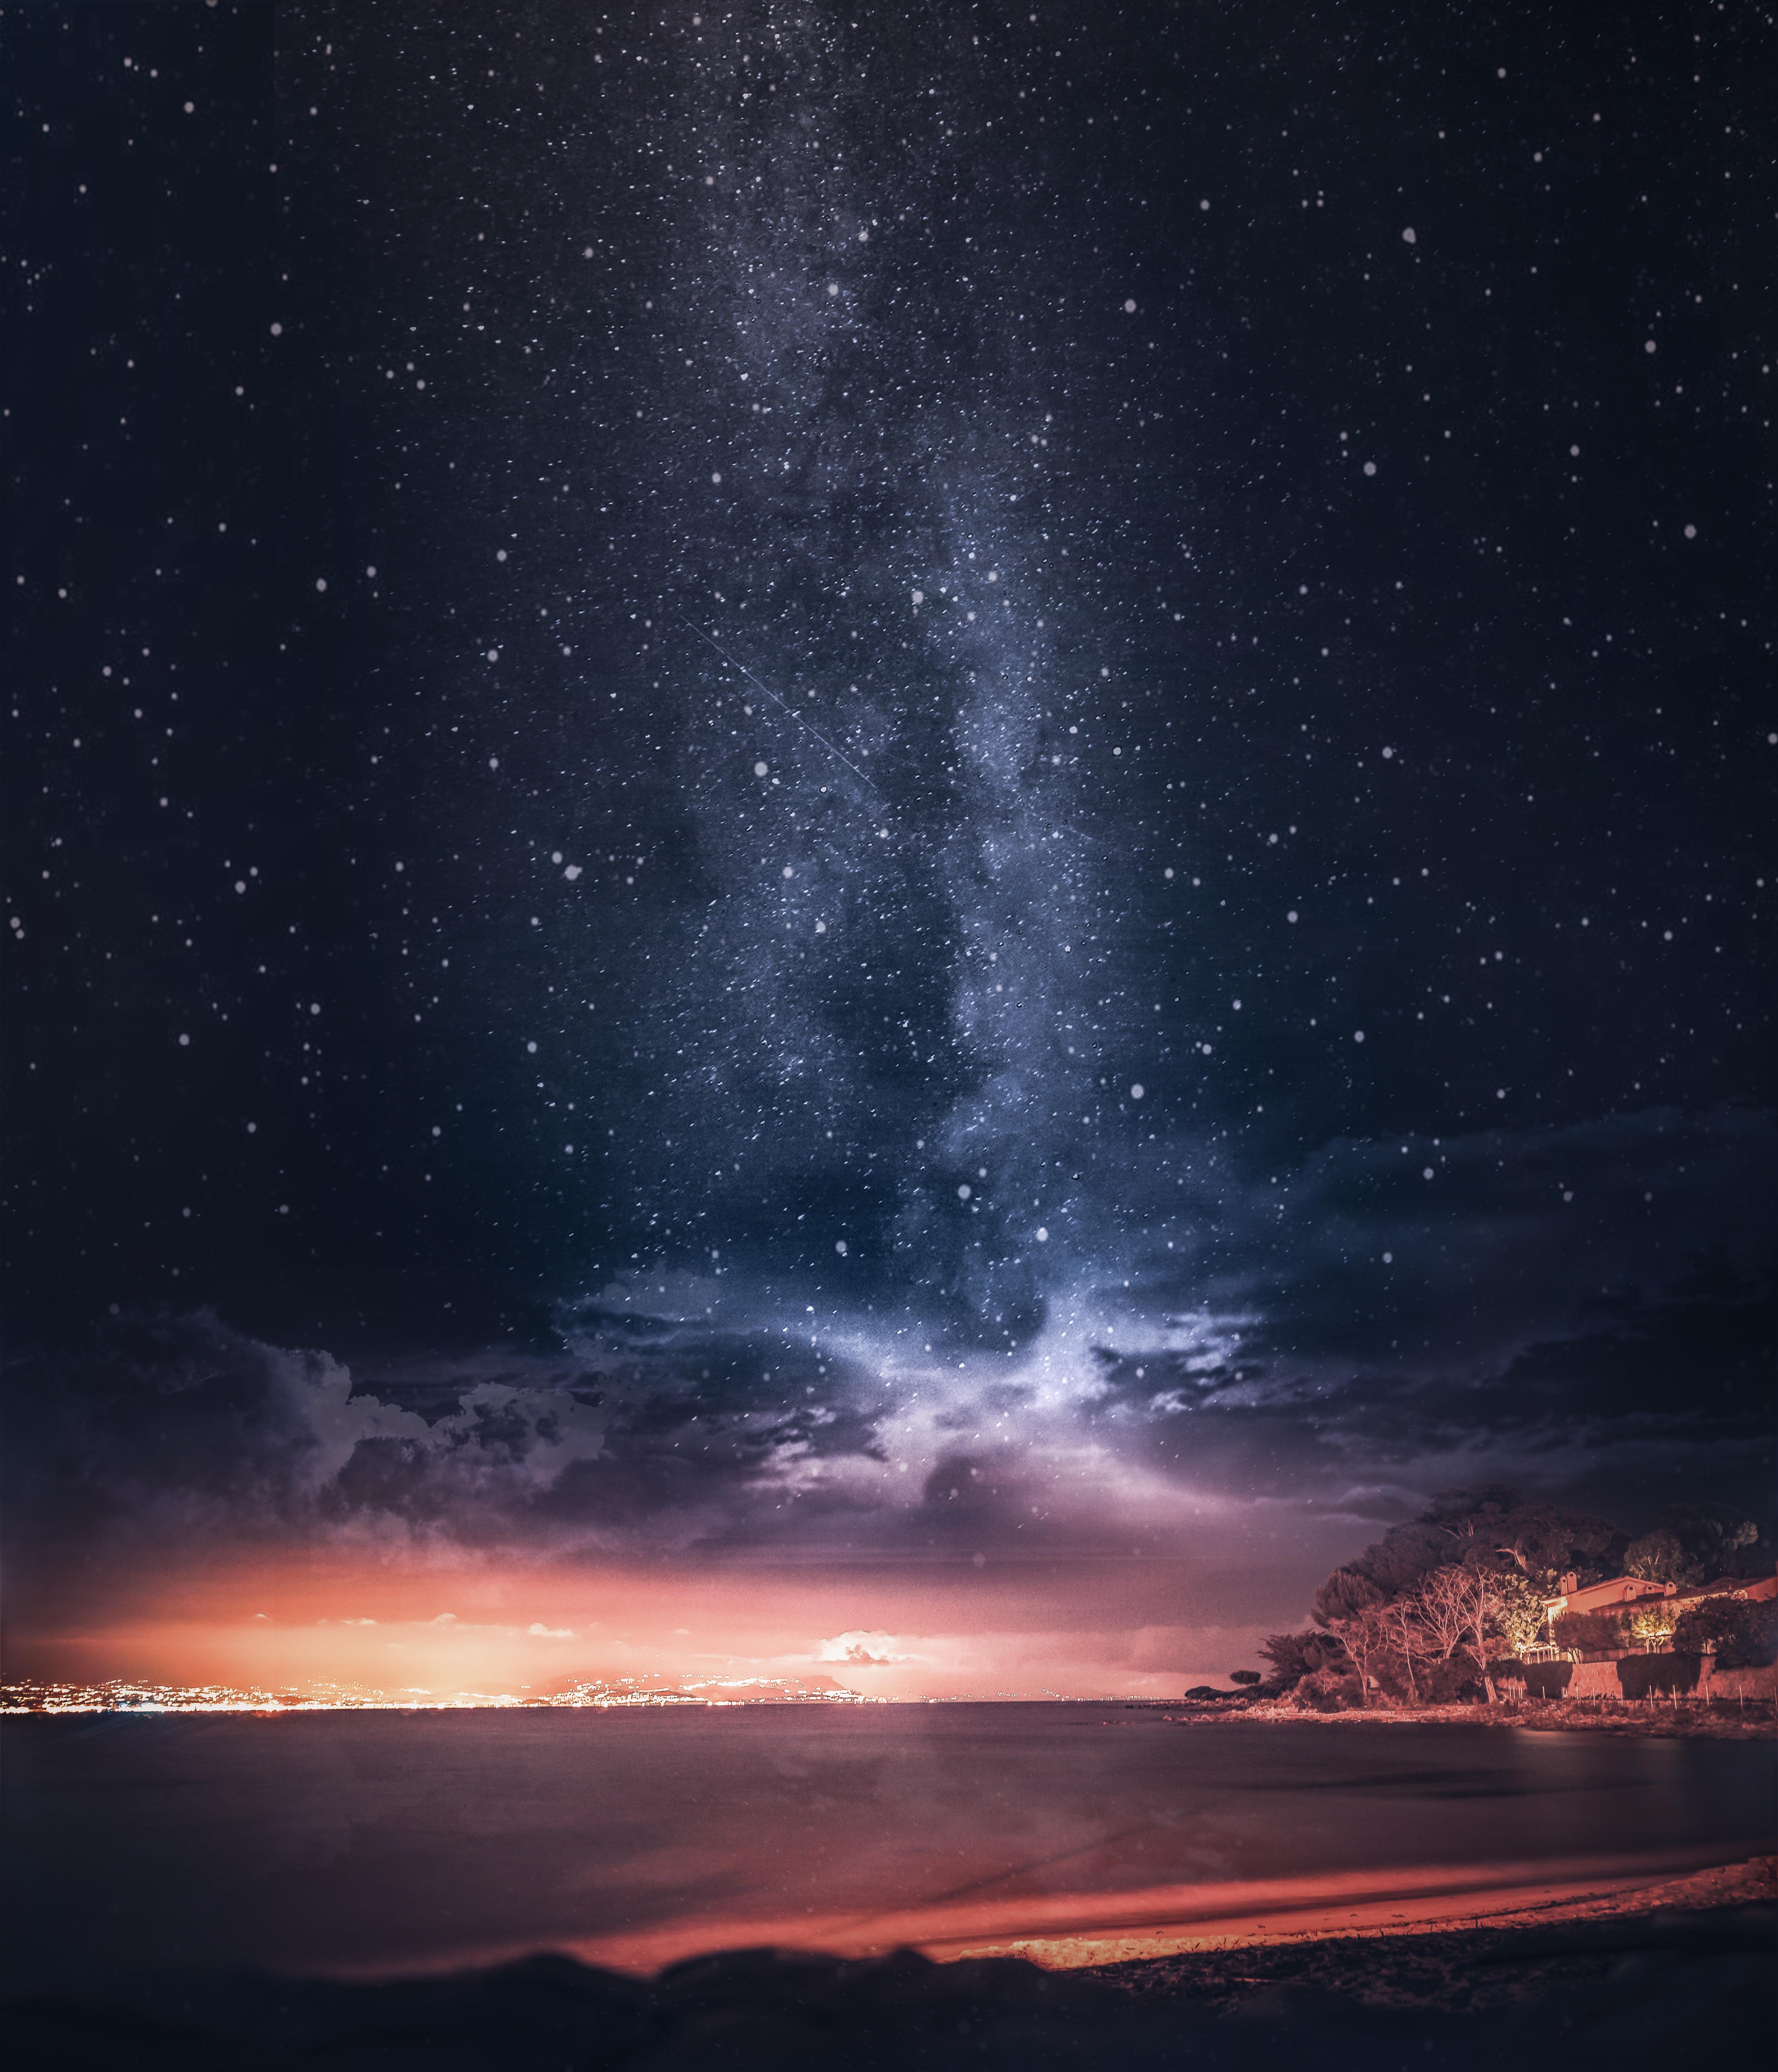 147620壁紙のダウンロード自然, 海, 日没, 星空, 地平線, フランス-スクリーンセーバーと写真を無料で